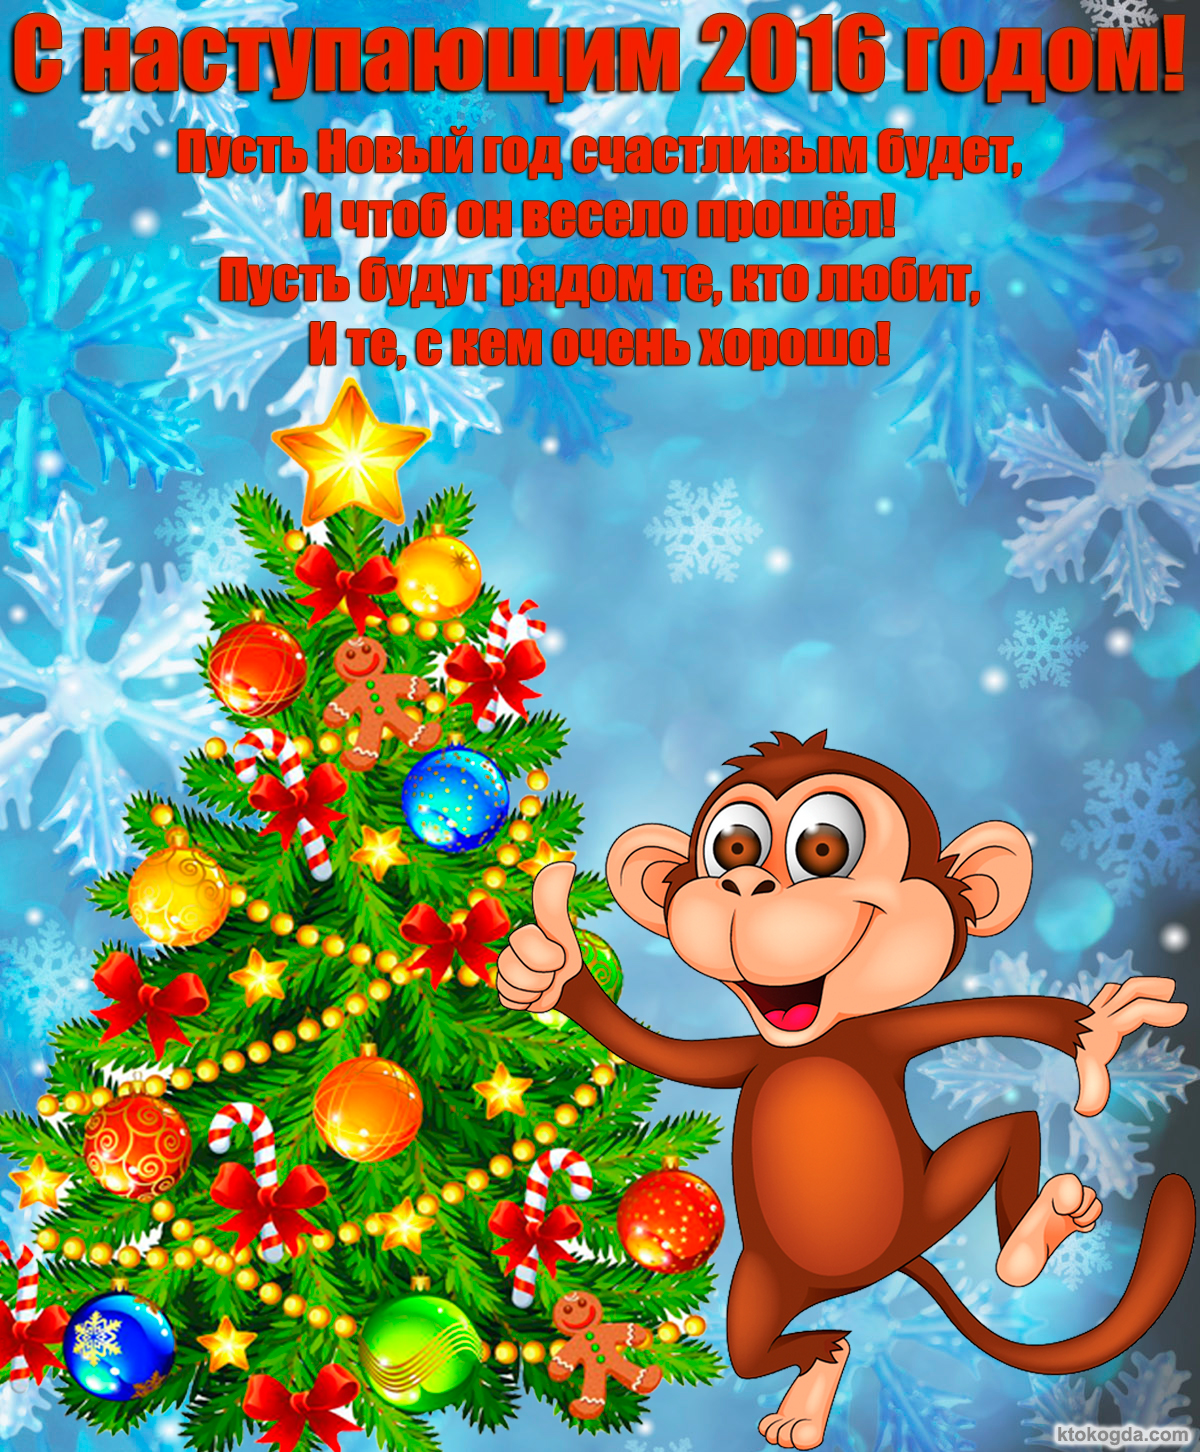 Поздравление с новым годом 2016 в открытке